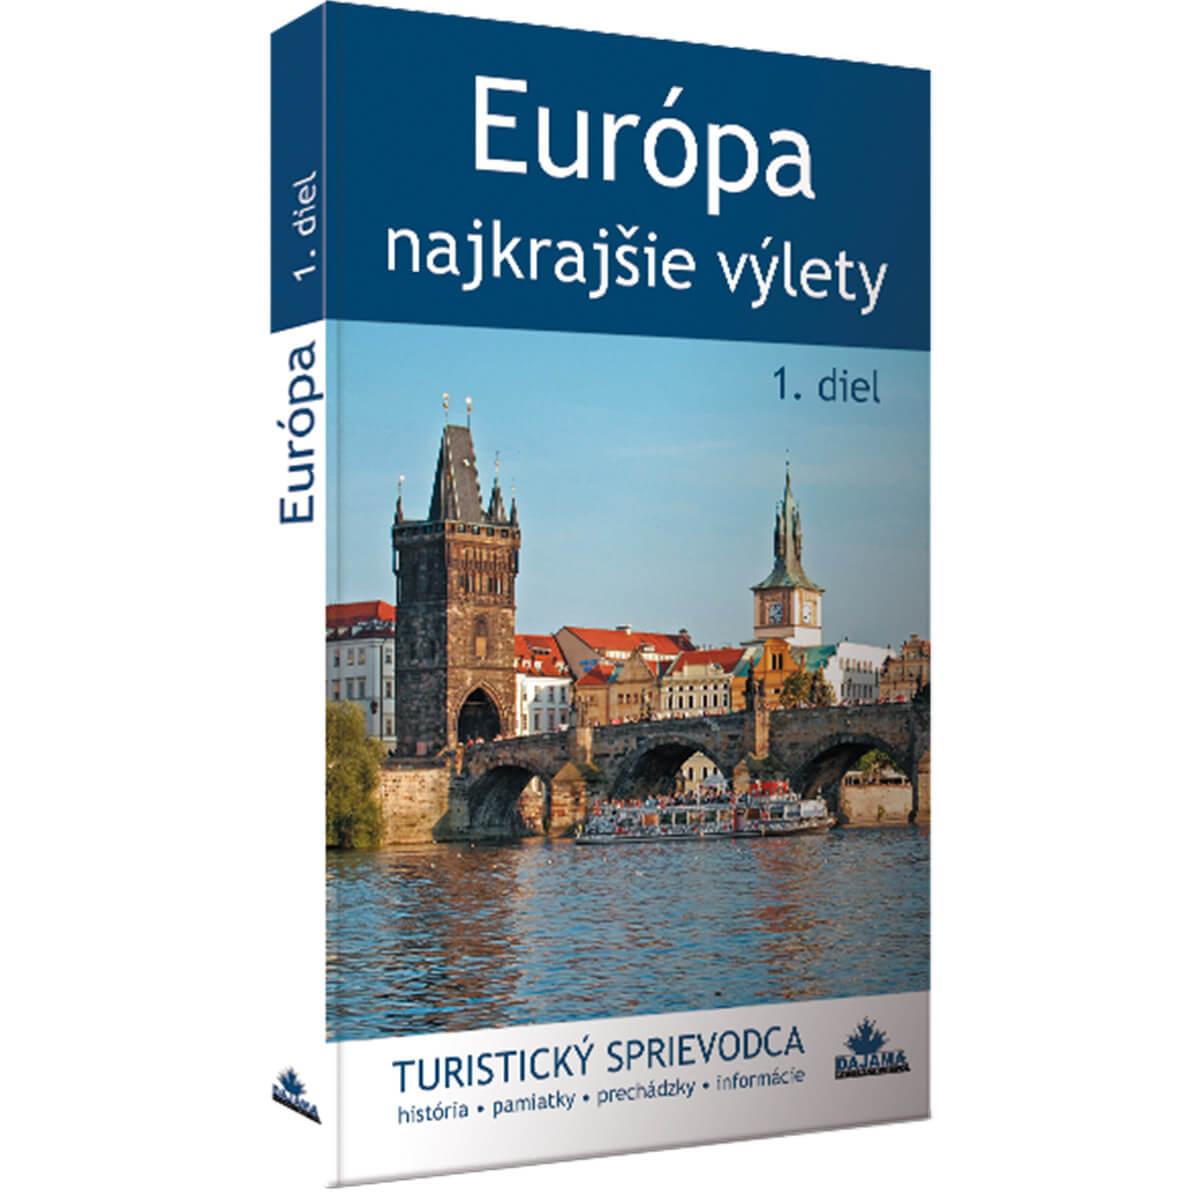 Kniha Európa - najkrajšie výlety 1. diel - turistický sprievodca z vydavateľstva Dajama